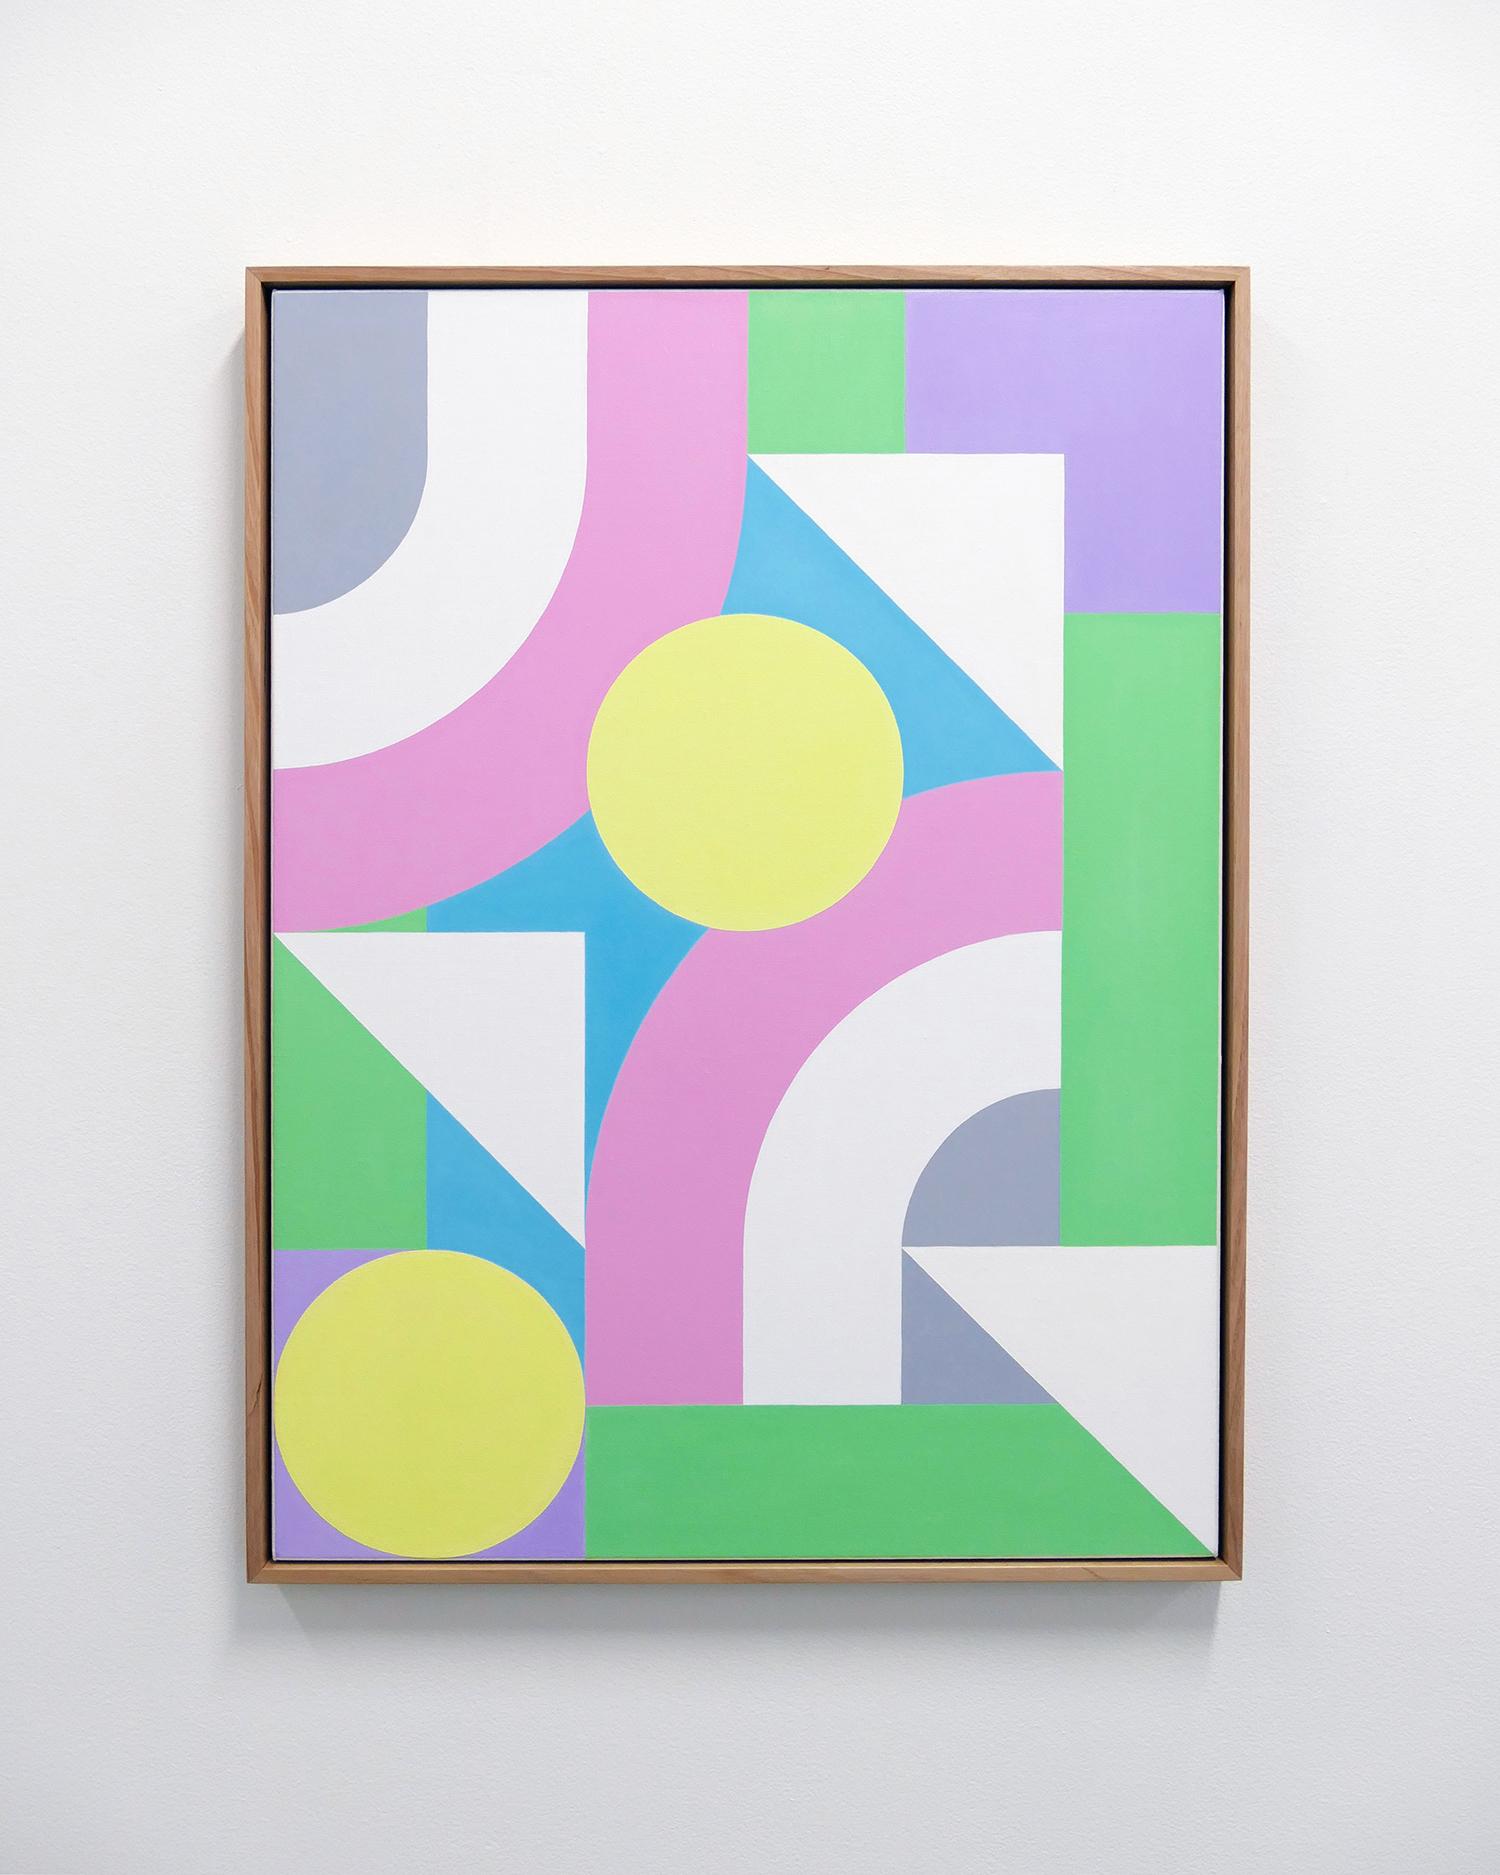 Pattern making #2